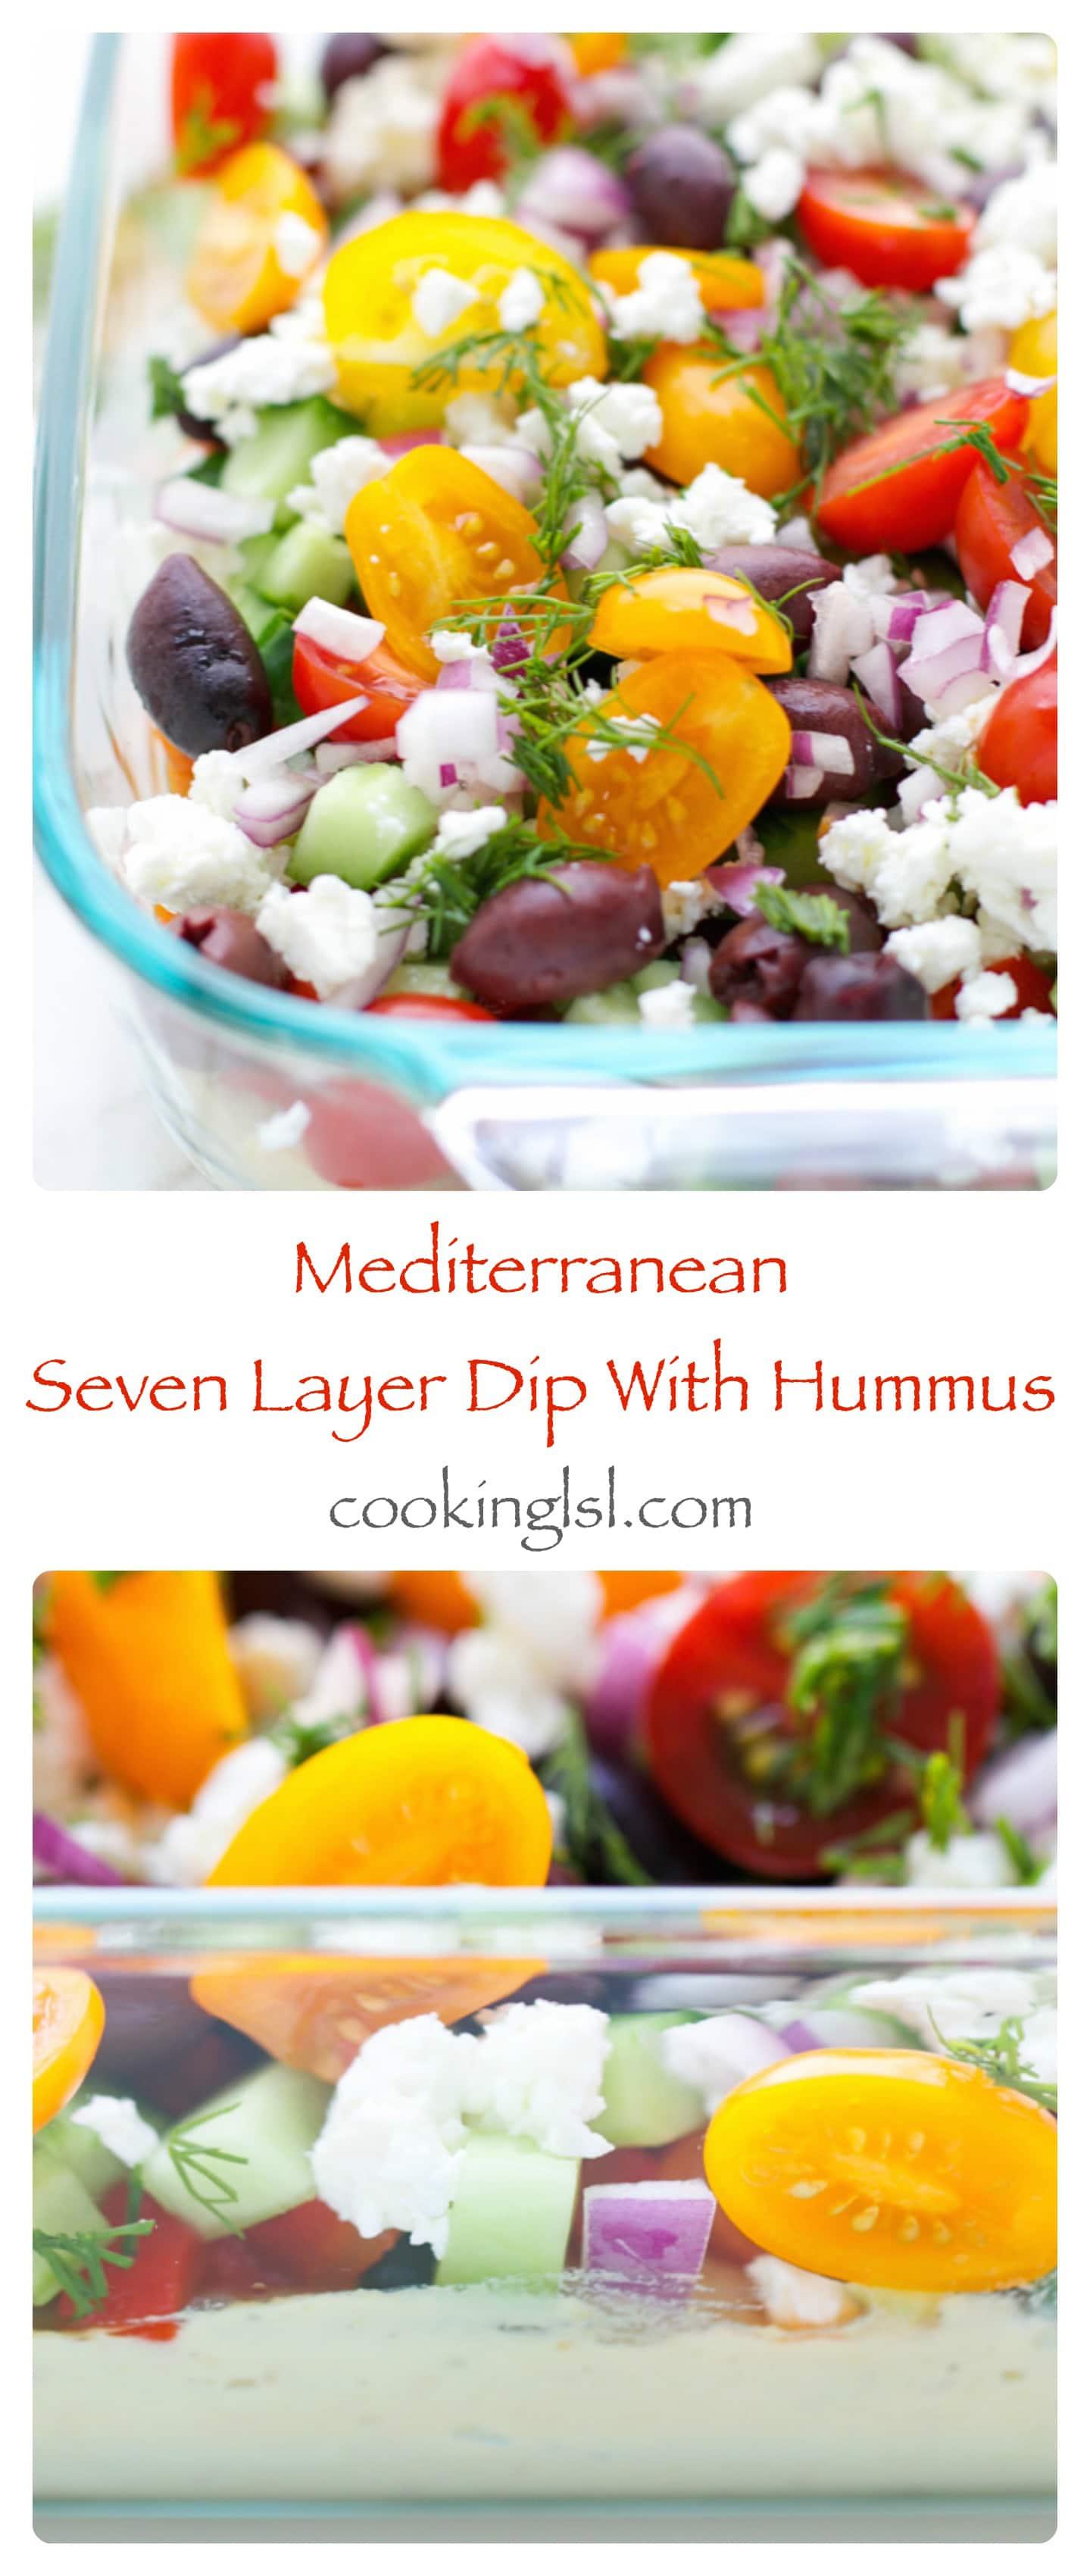 Mediterranean Seven Layer Dip